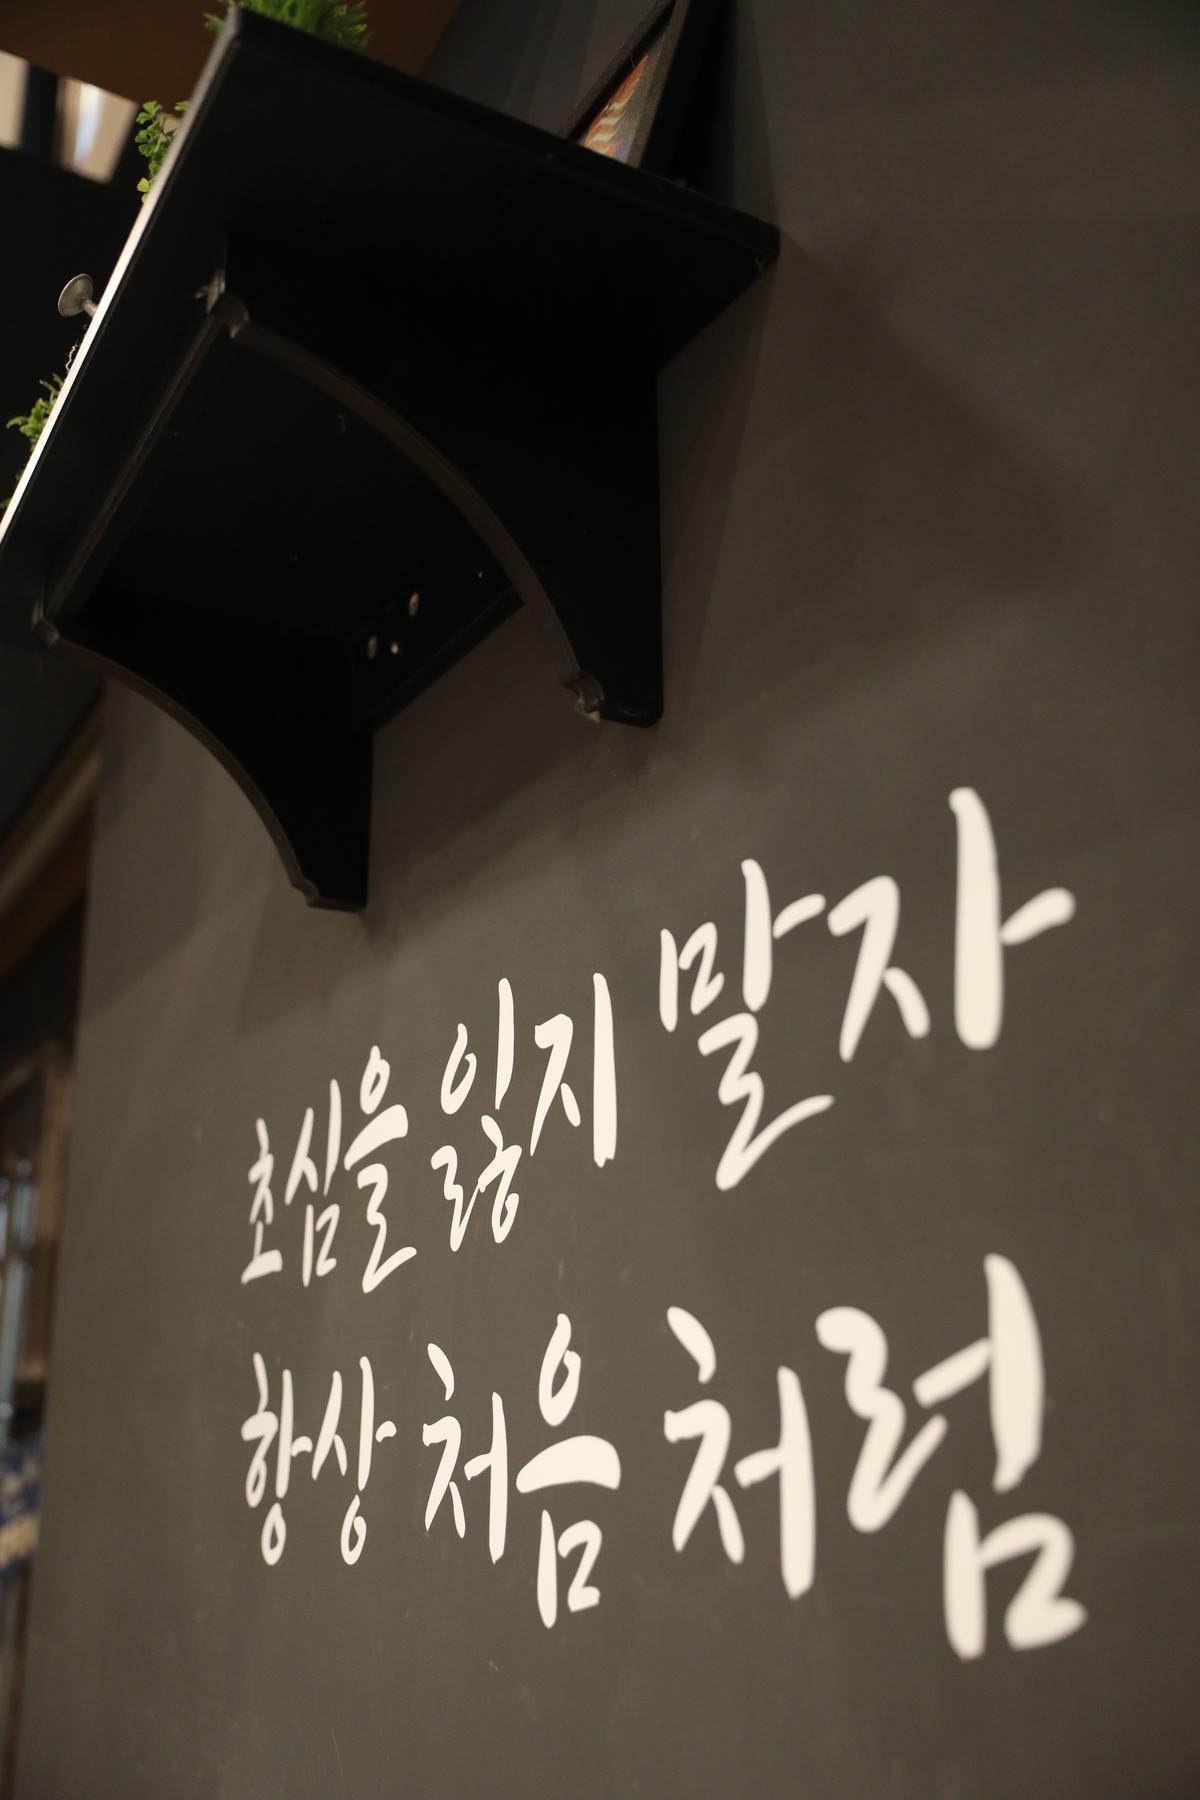 店內處處勵志小語,這句話的意思是「莫忘初心,永遠都像第一次」。